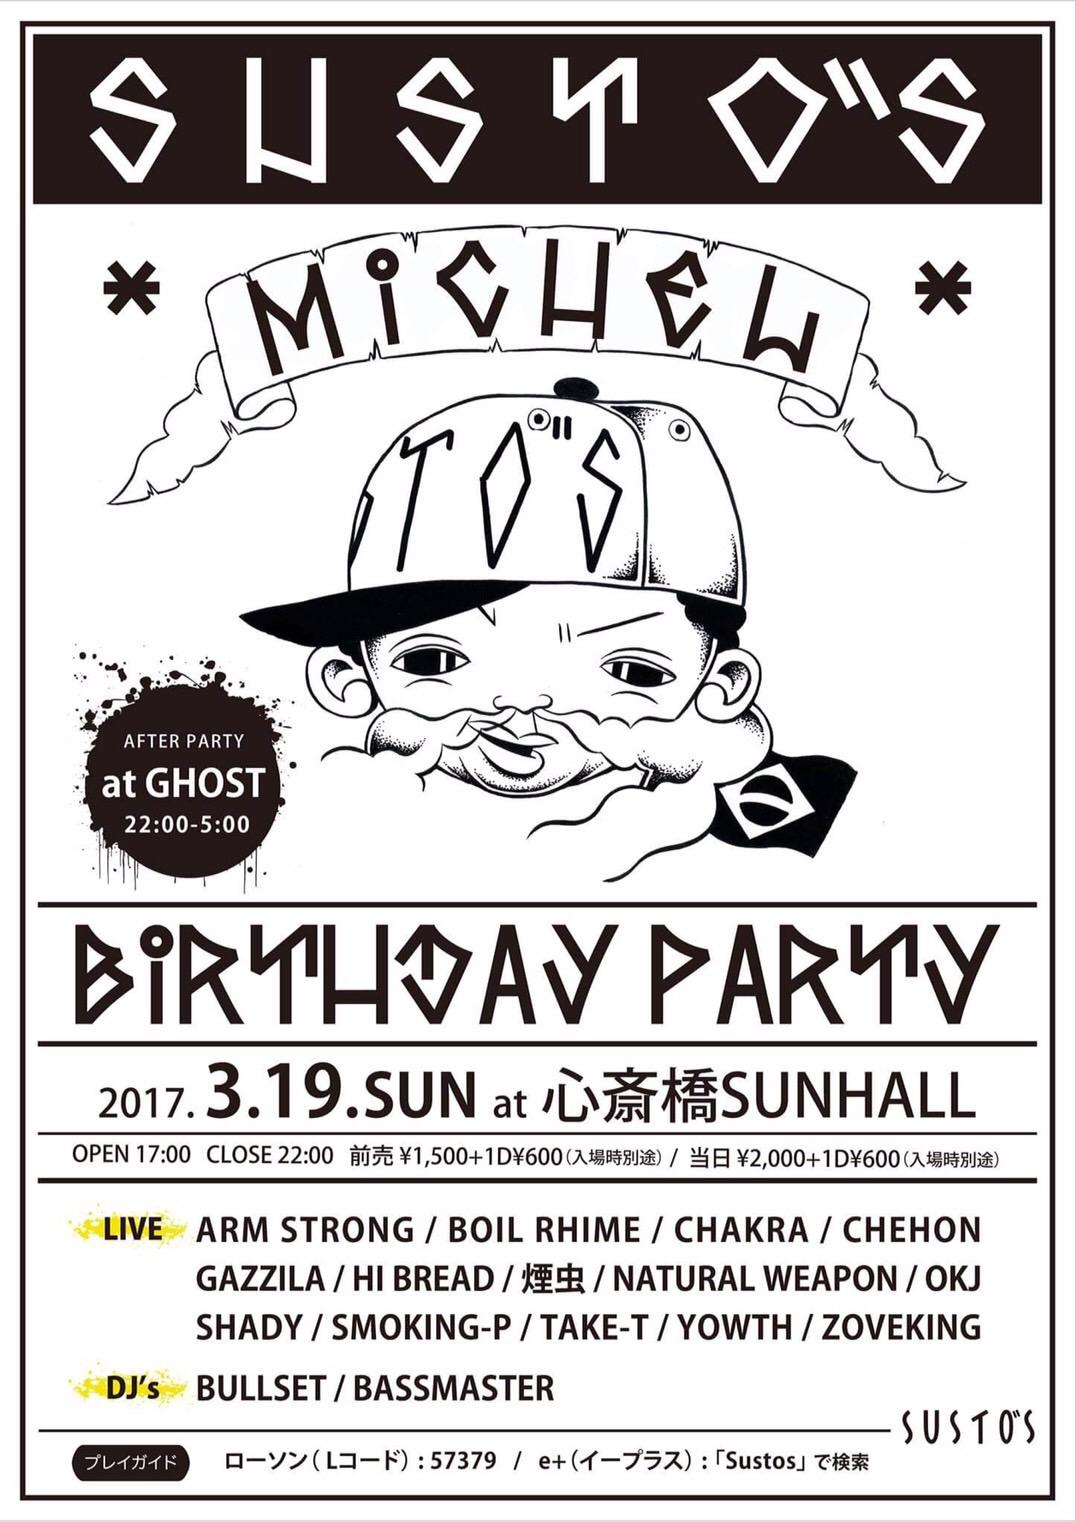 Susto's   -MICHEL BirthDay Party-